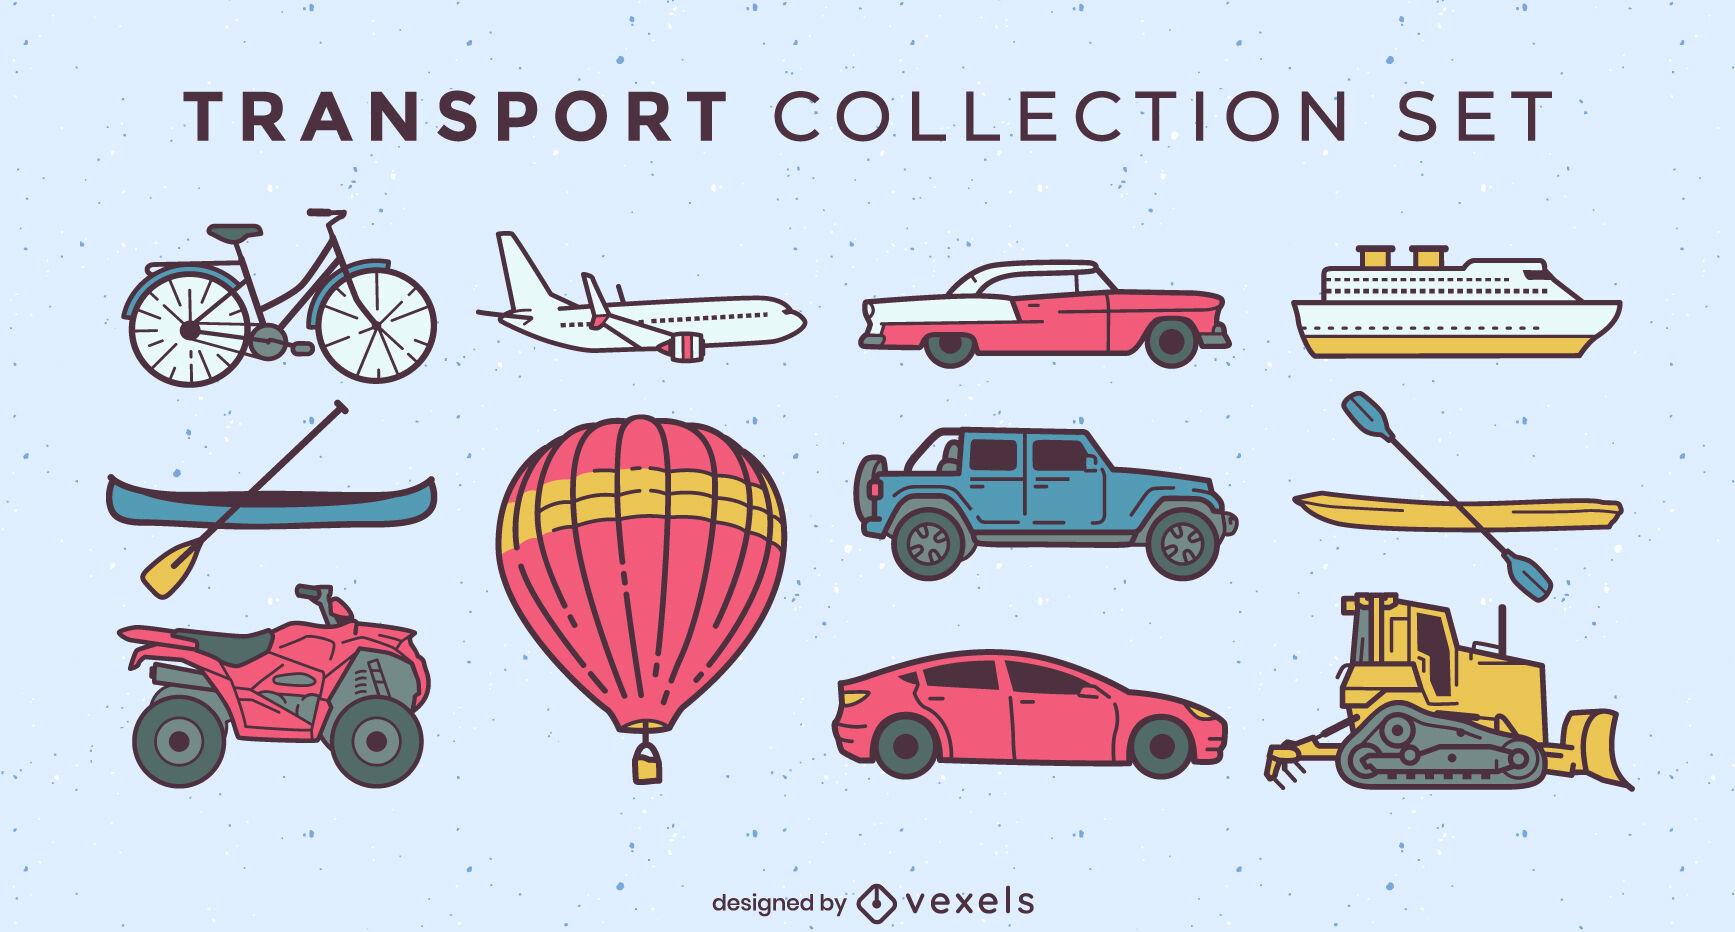 Transportation set of elements color stroke